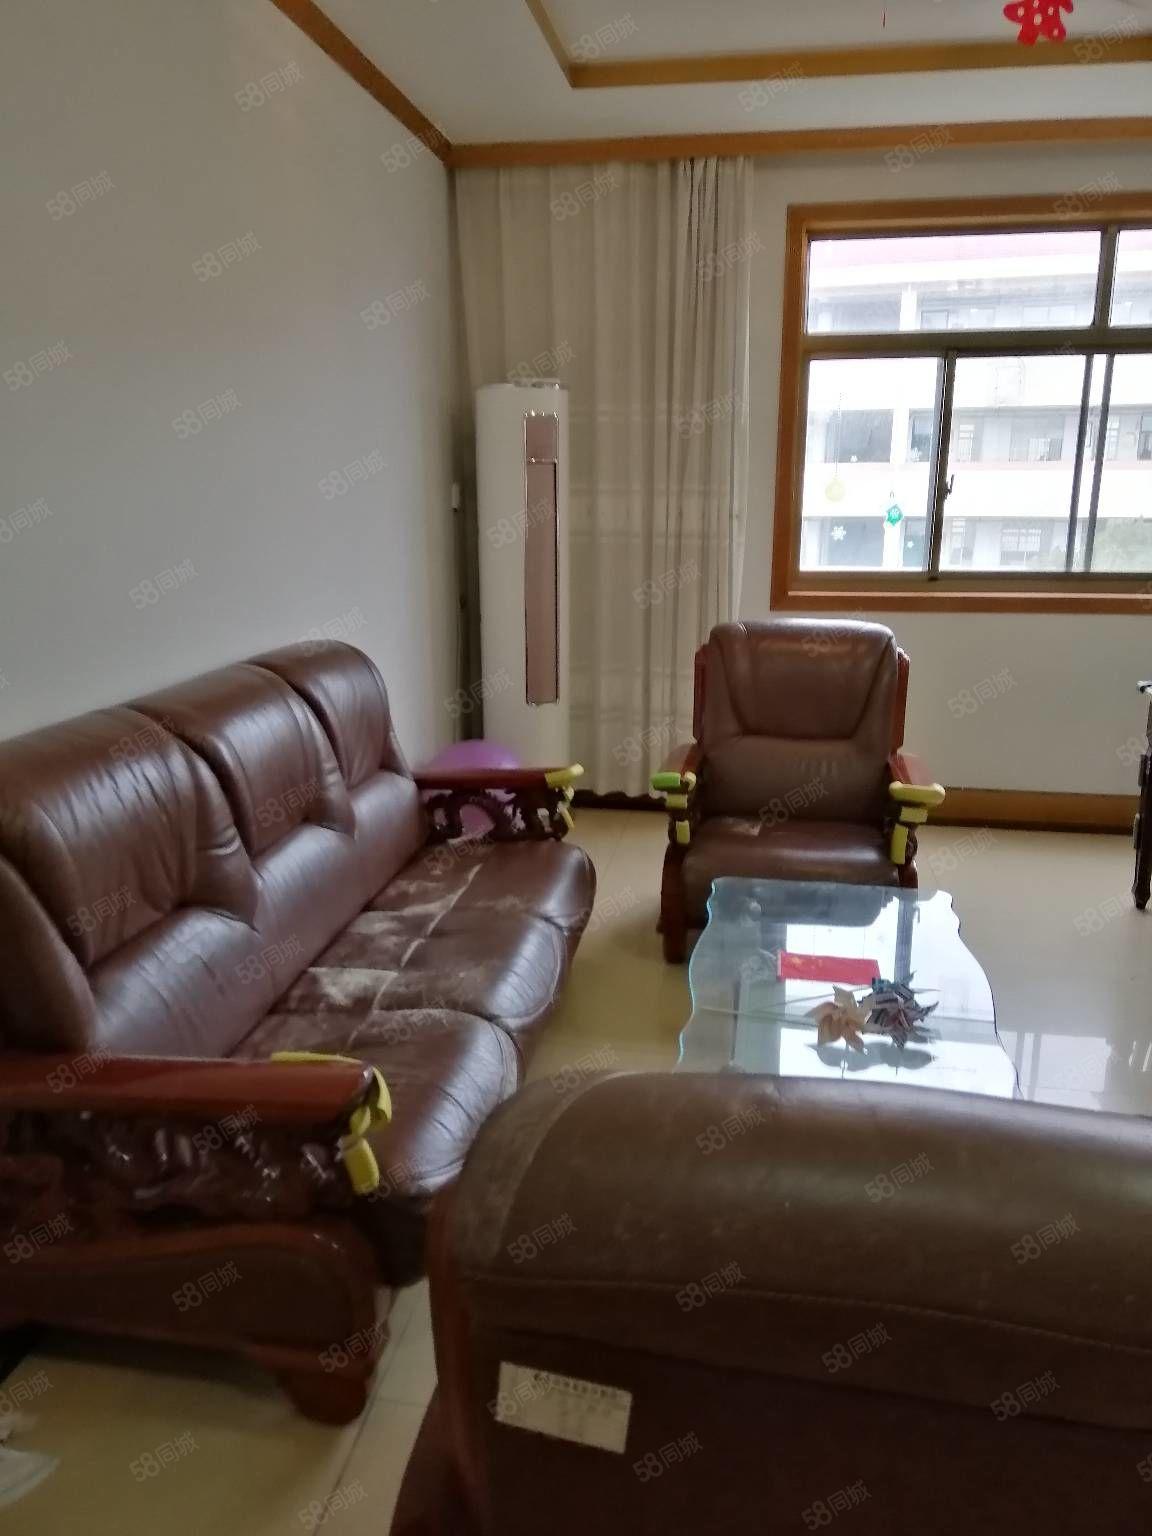 市中心文化新村,3楼,95平米,2室2厅,设施全,1500元